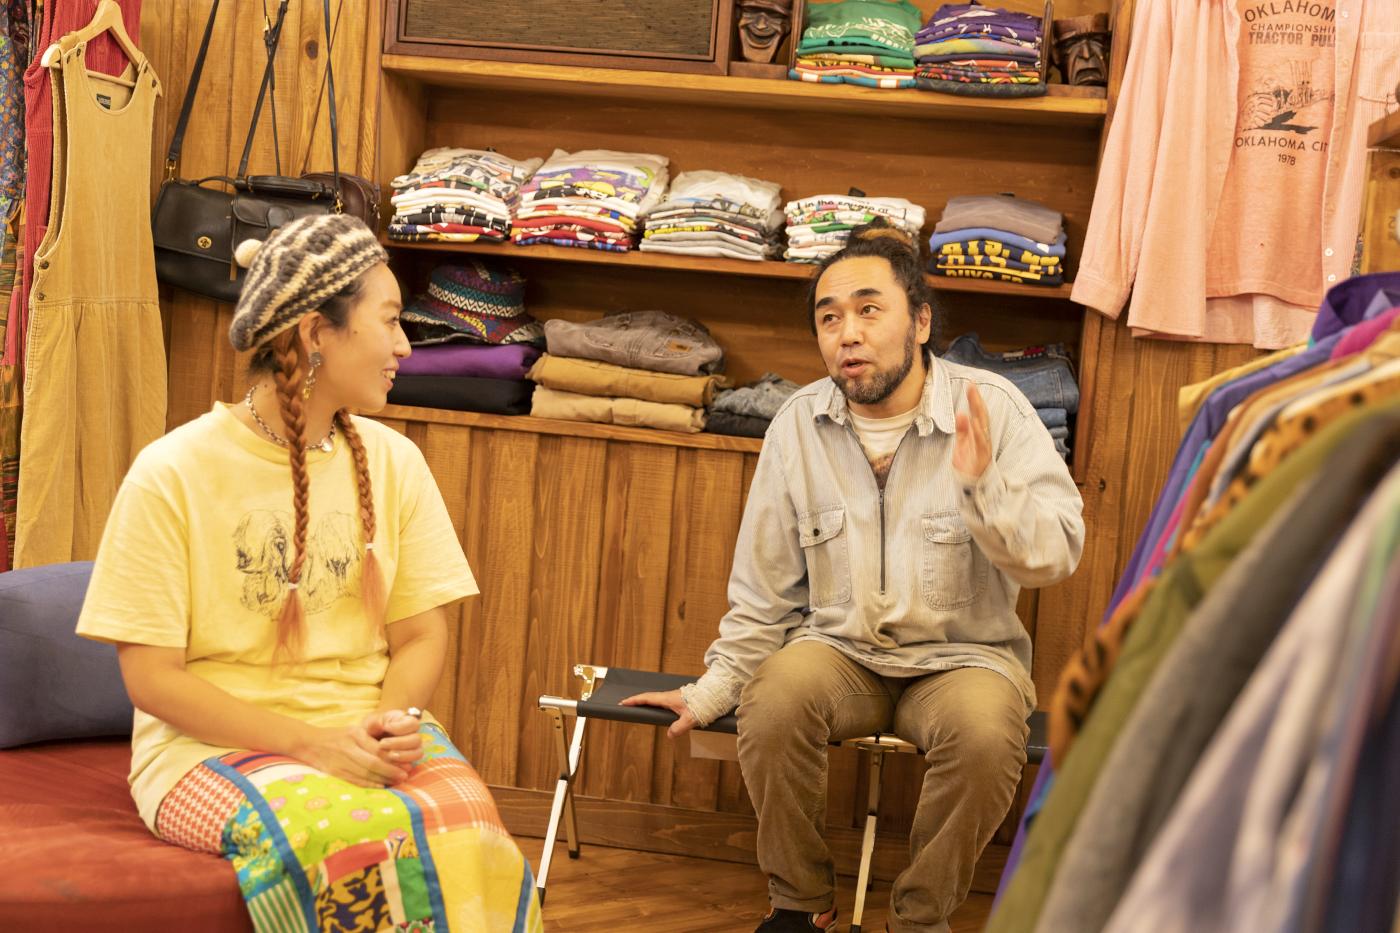 古着屋「chuple」のカツゲンさんがインタビューにこたえる様子。メグミさんがそれを見つめる